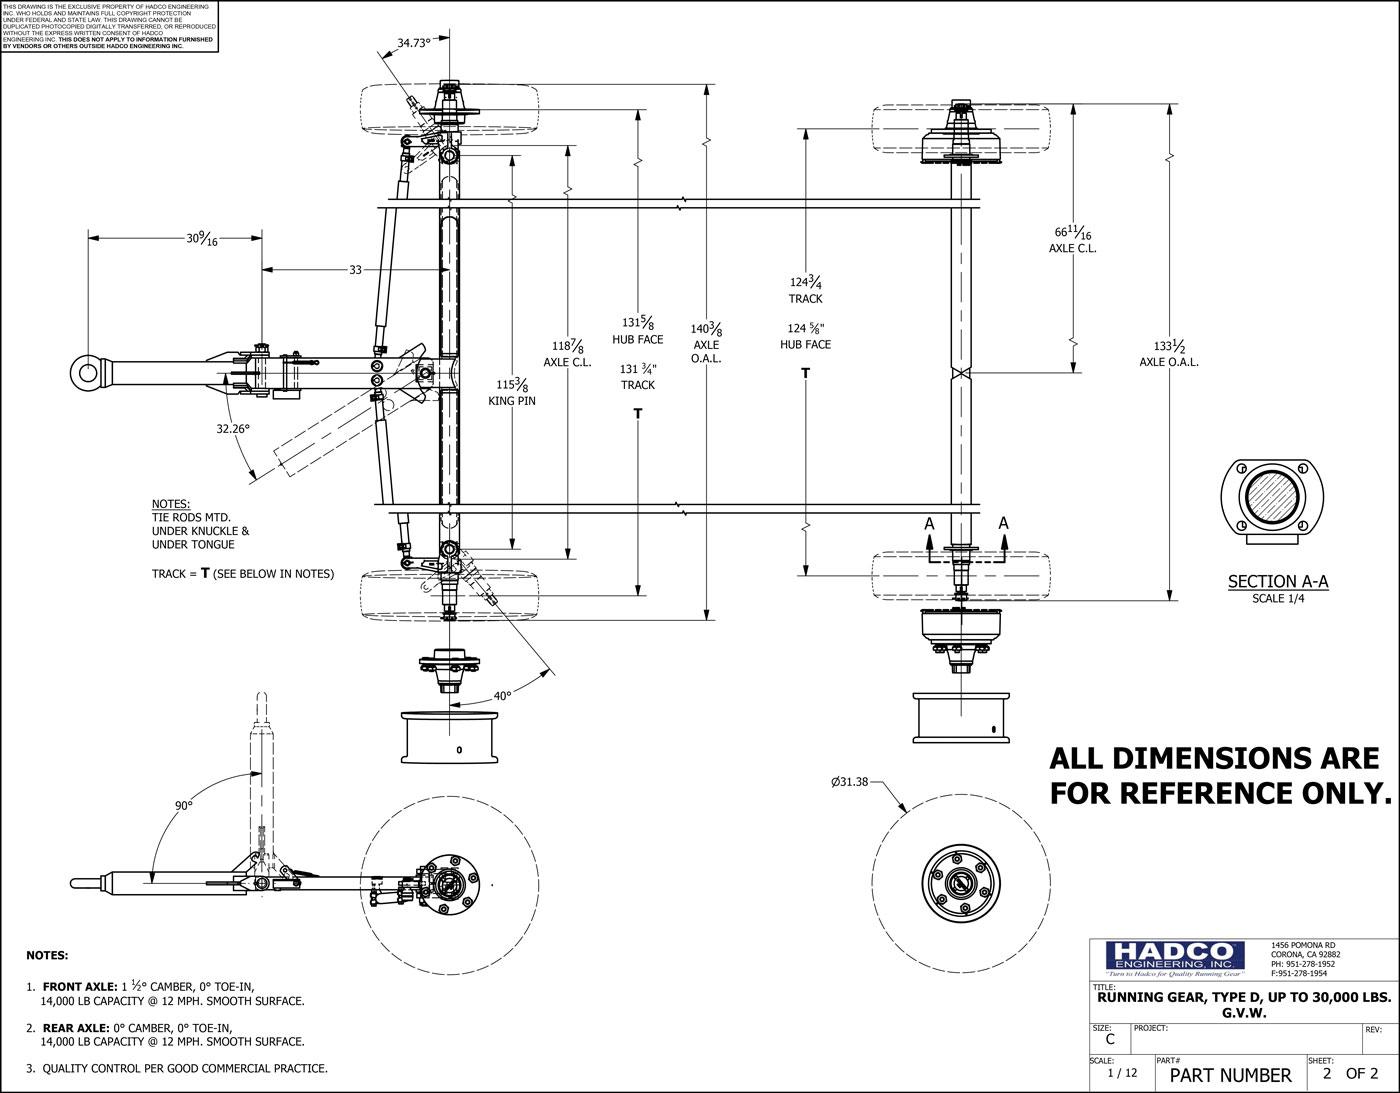 Heavy Duty Running Gear Hadco Engineering